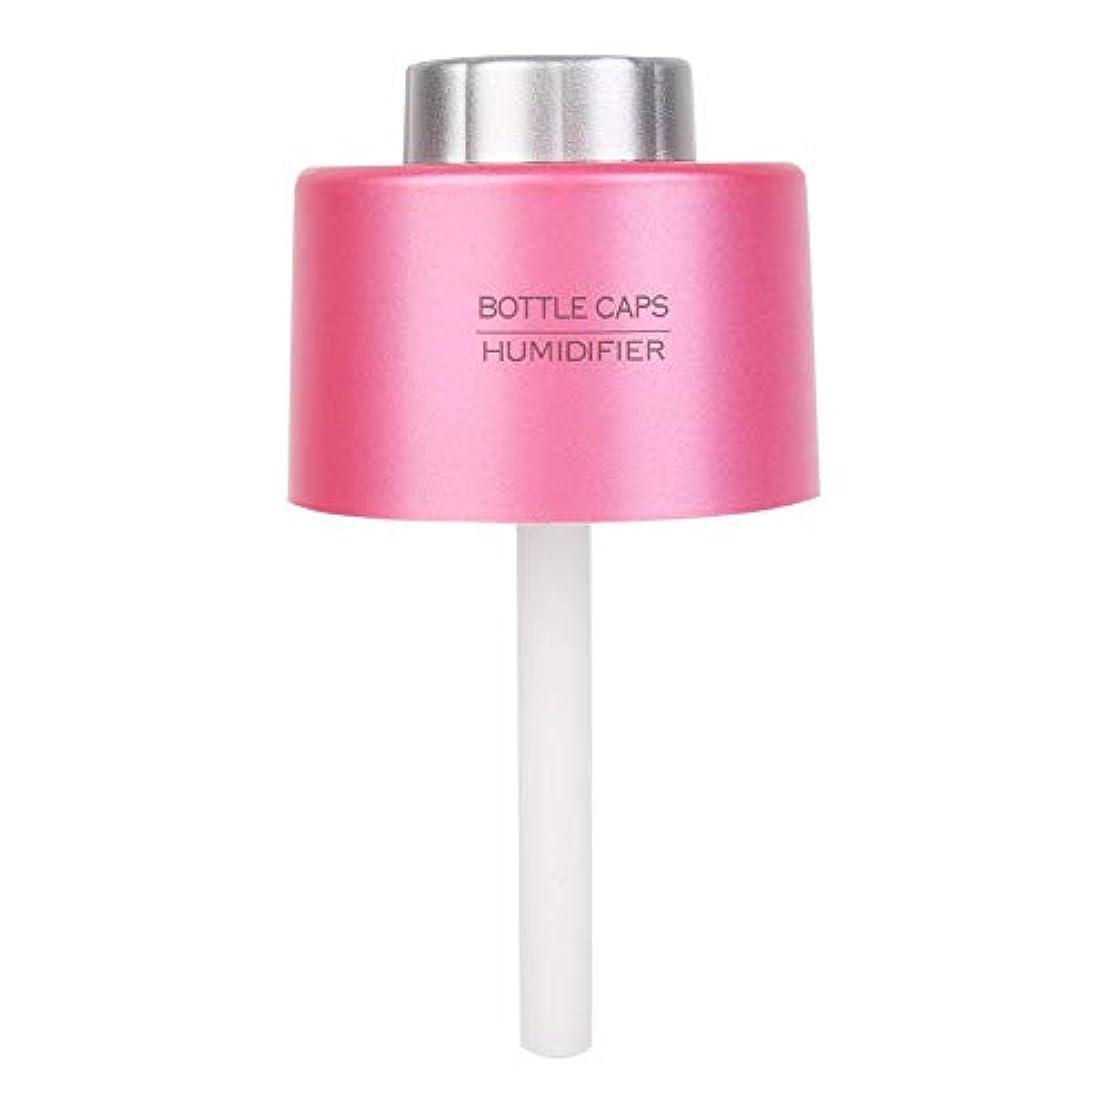 笑い金貸し写真撮影ポータブルミニウォーターボトルキャップ加湿器アロマエアディフューザーミストメーカーUSB(ピンク)